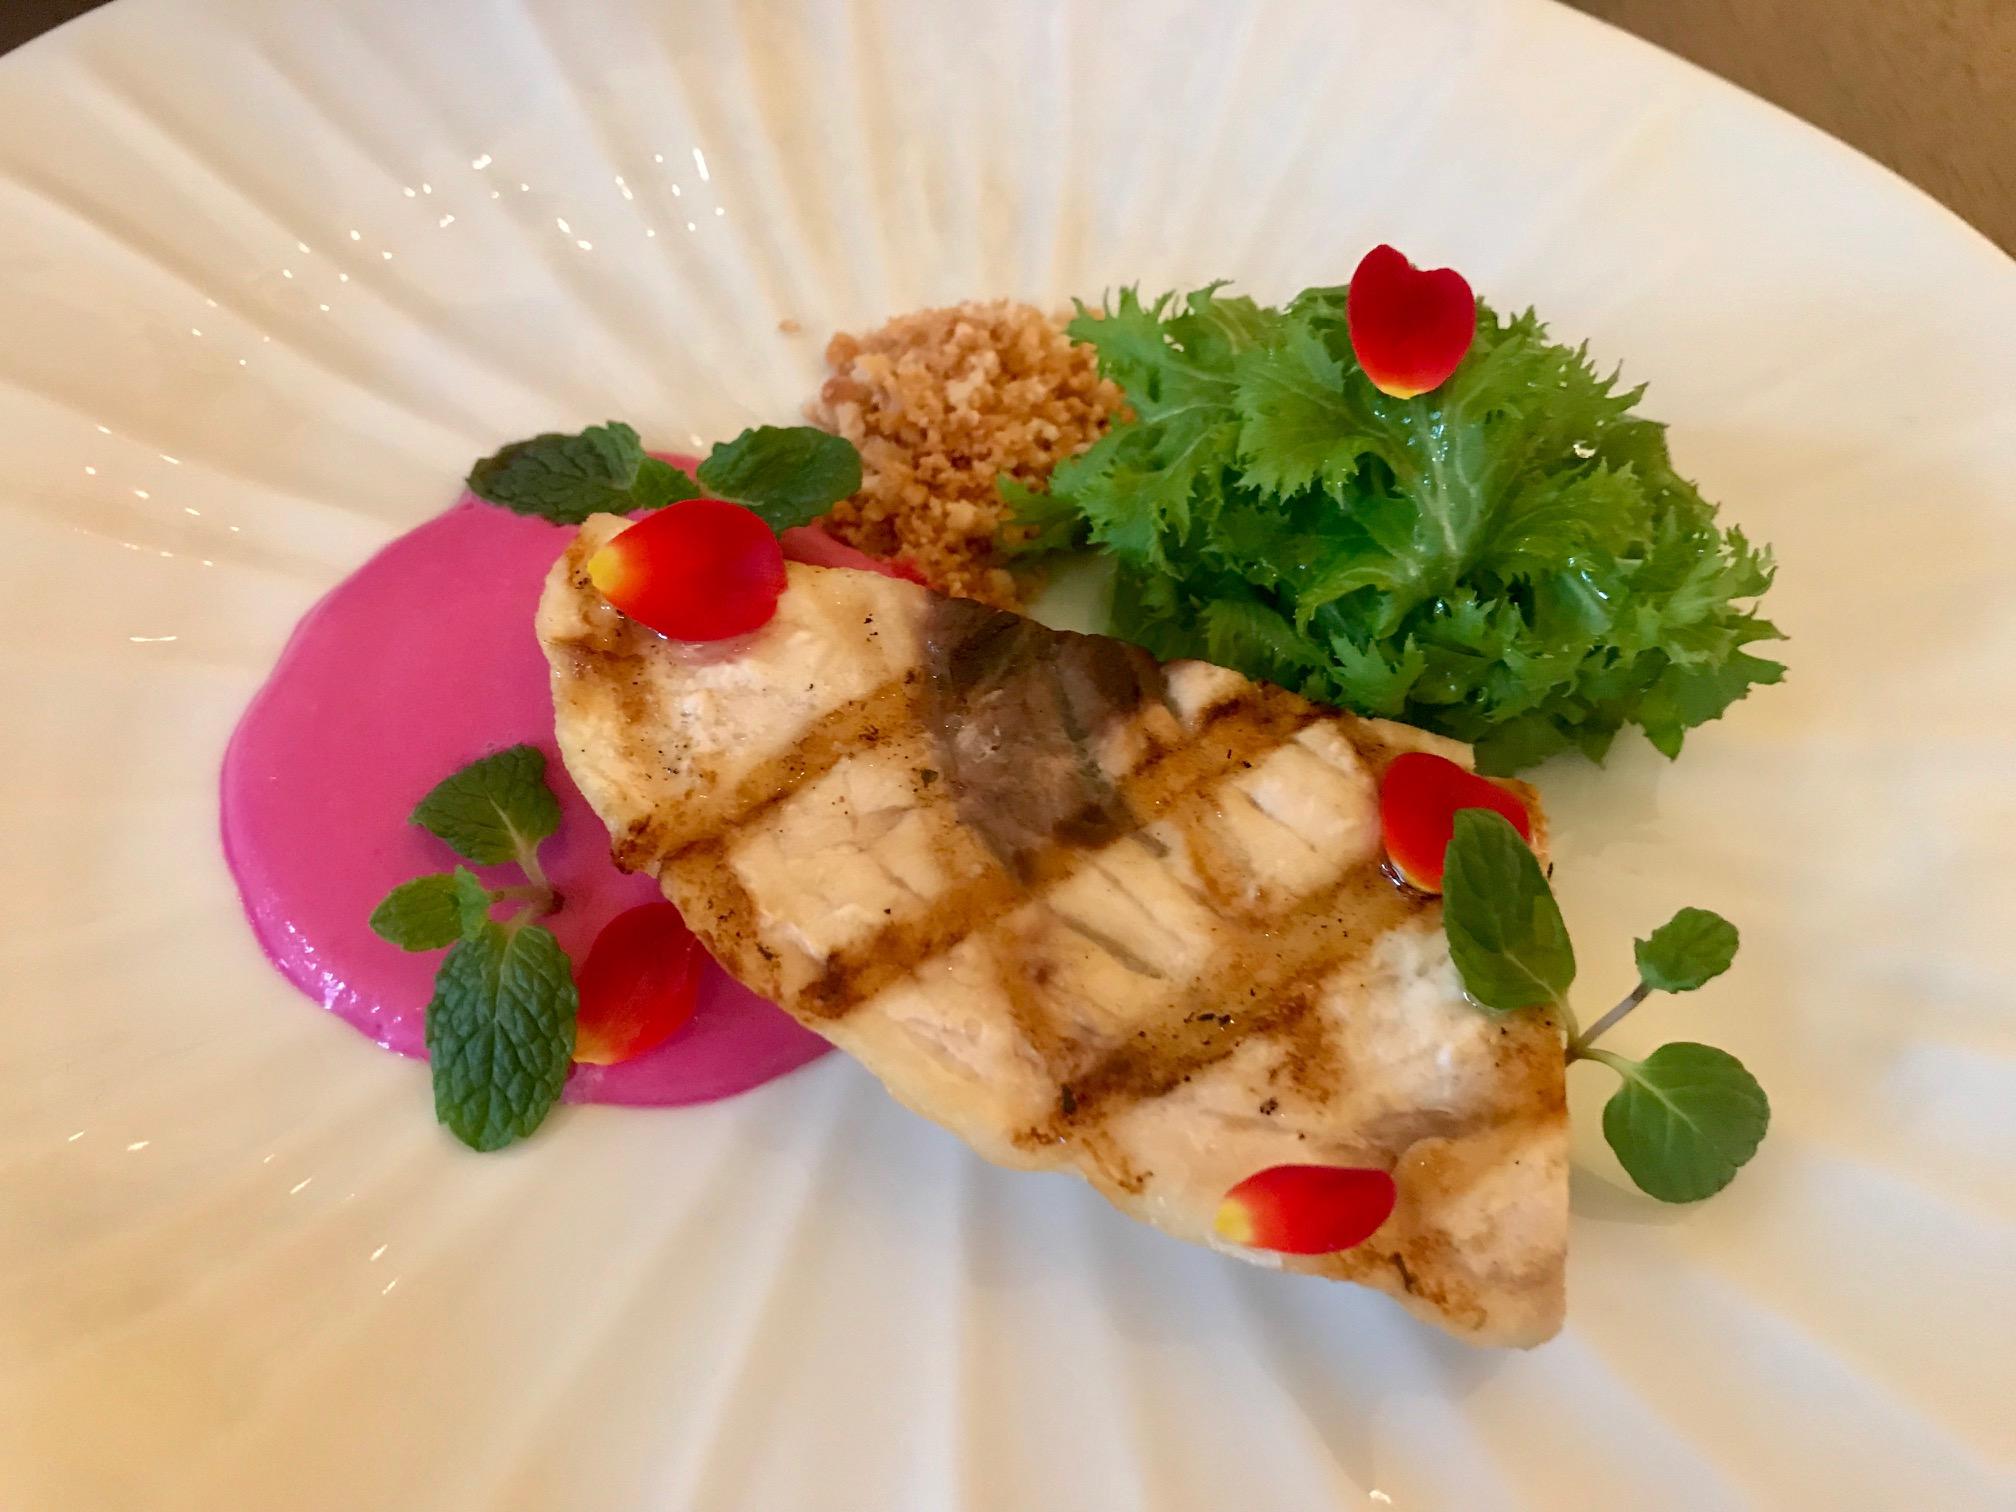 『SABON』が贈る、ローズ香るピンクのディナー(しかも特典つき♡)!! 今度のデートや女子会は『ザ ストリングス 表参道』で_5